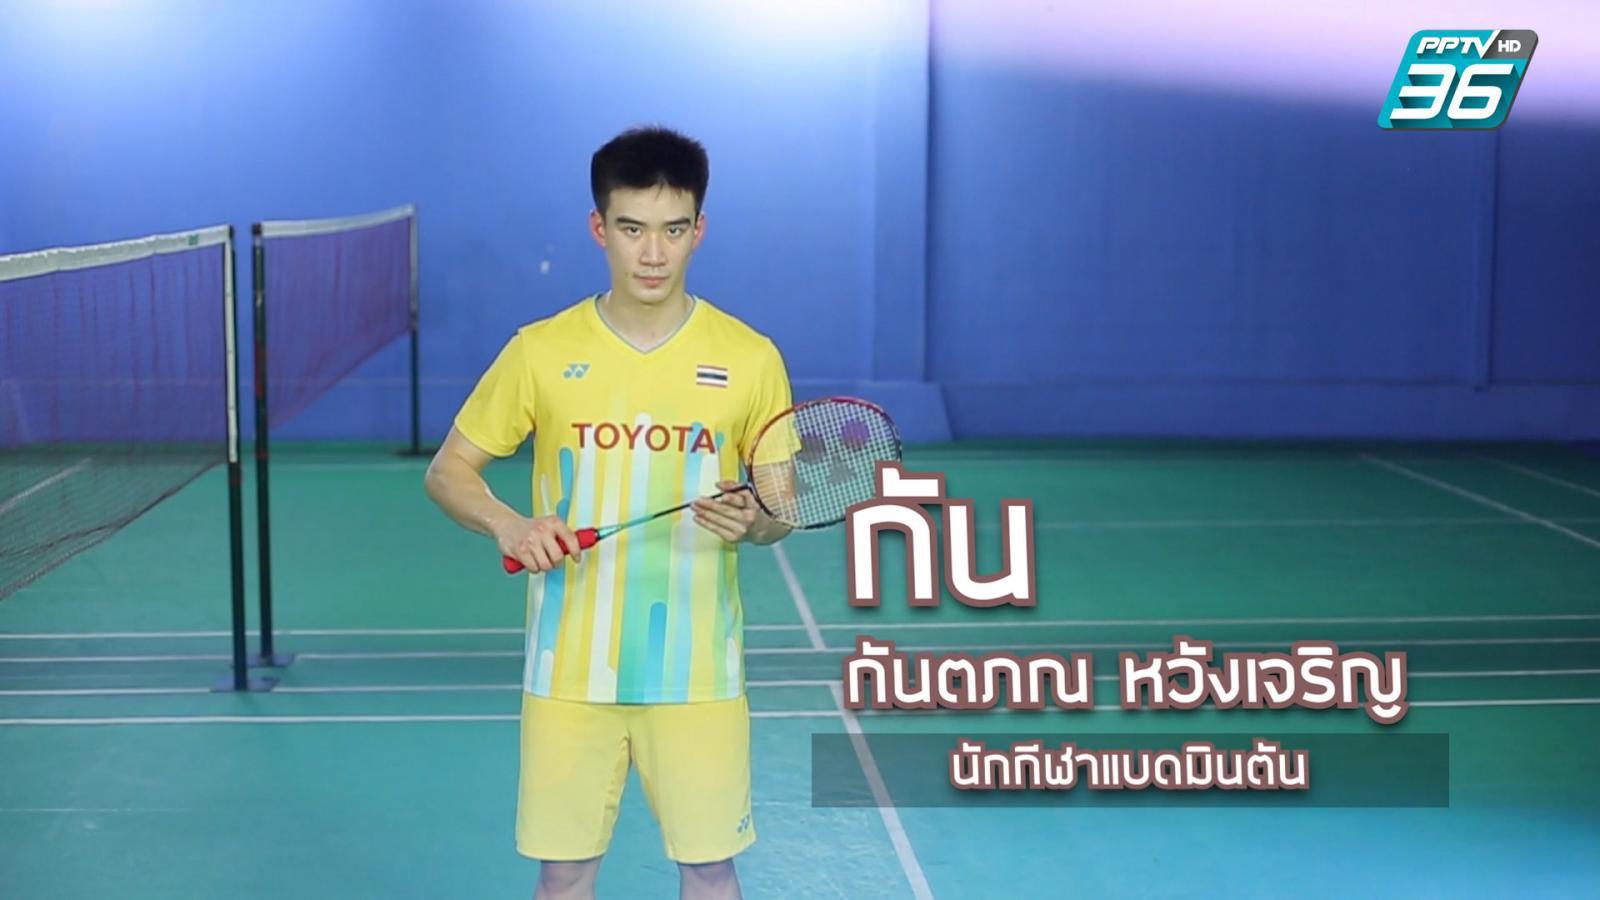 นักแบดมินตันชายเดี่ยวมือ 1 ของไทย กันตพล หวังเจริญ